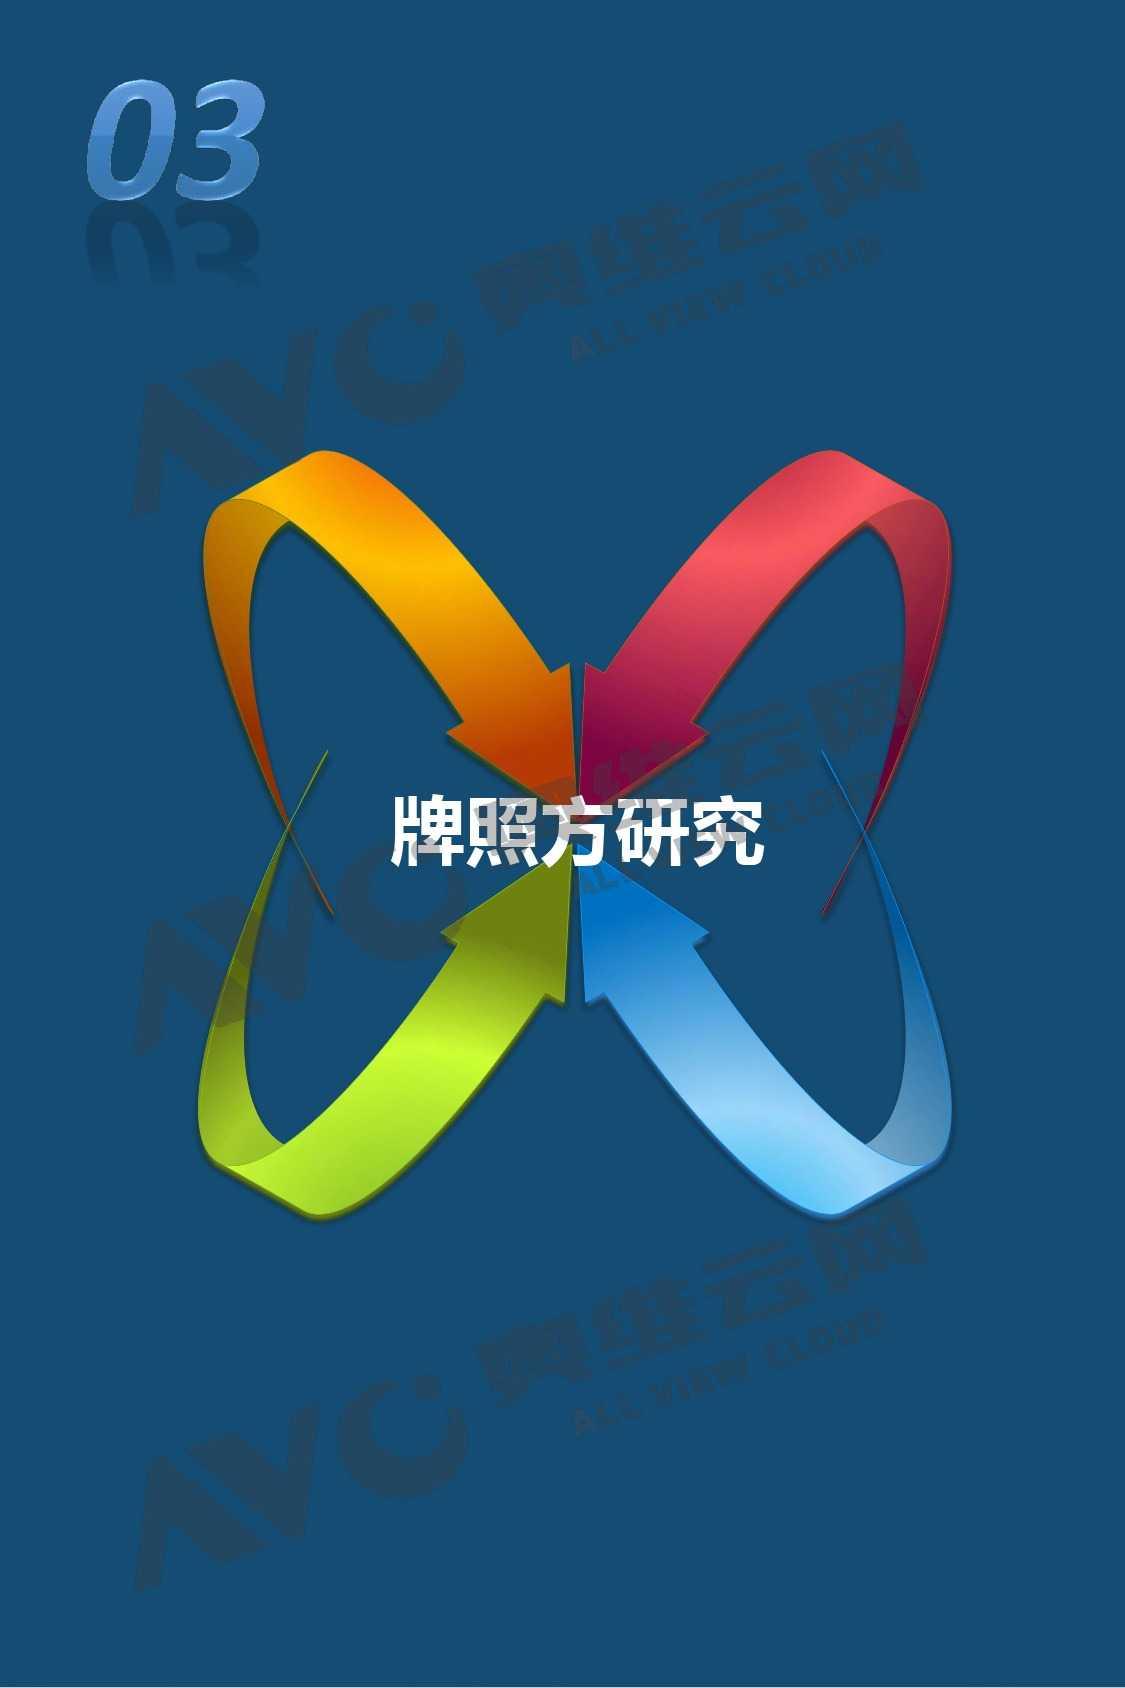 奥维云网:2015年10月份中国OTT发展研究_000013